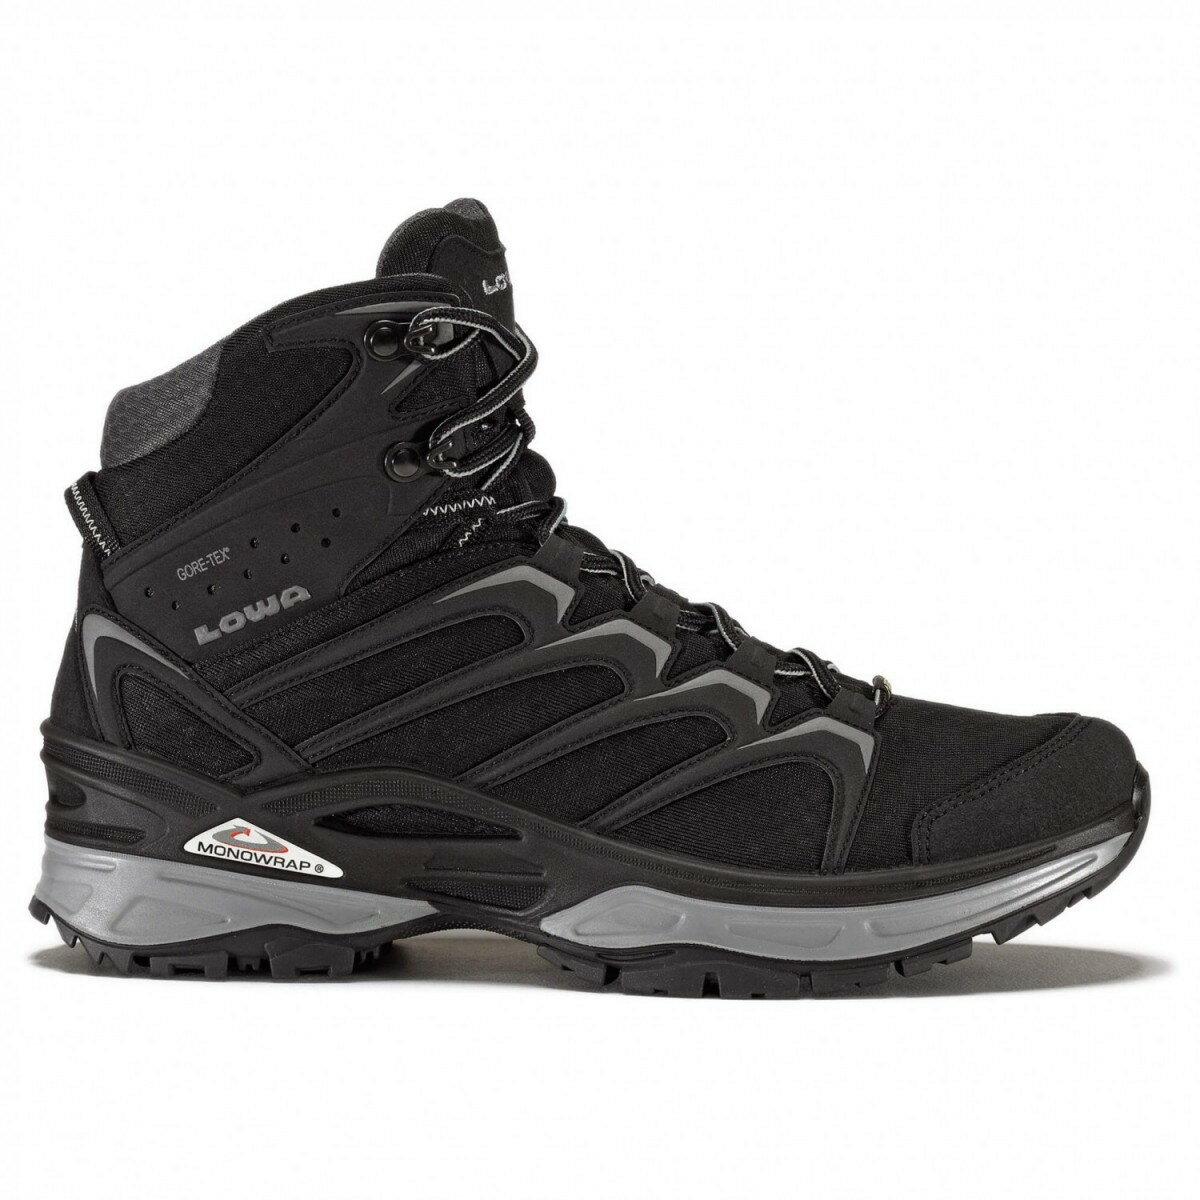 ローバー イノックス GTX Mid (Black / Gray)★登山靴・靴・登山・アウトドアシューズ・山歩き★